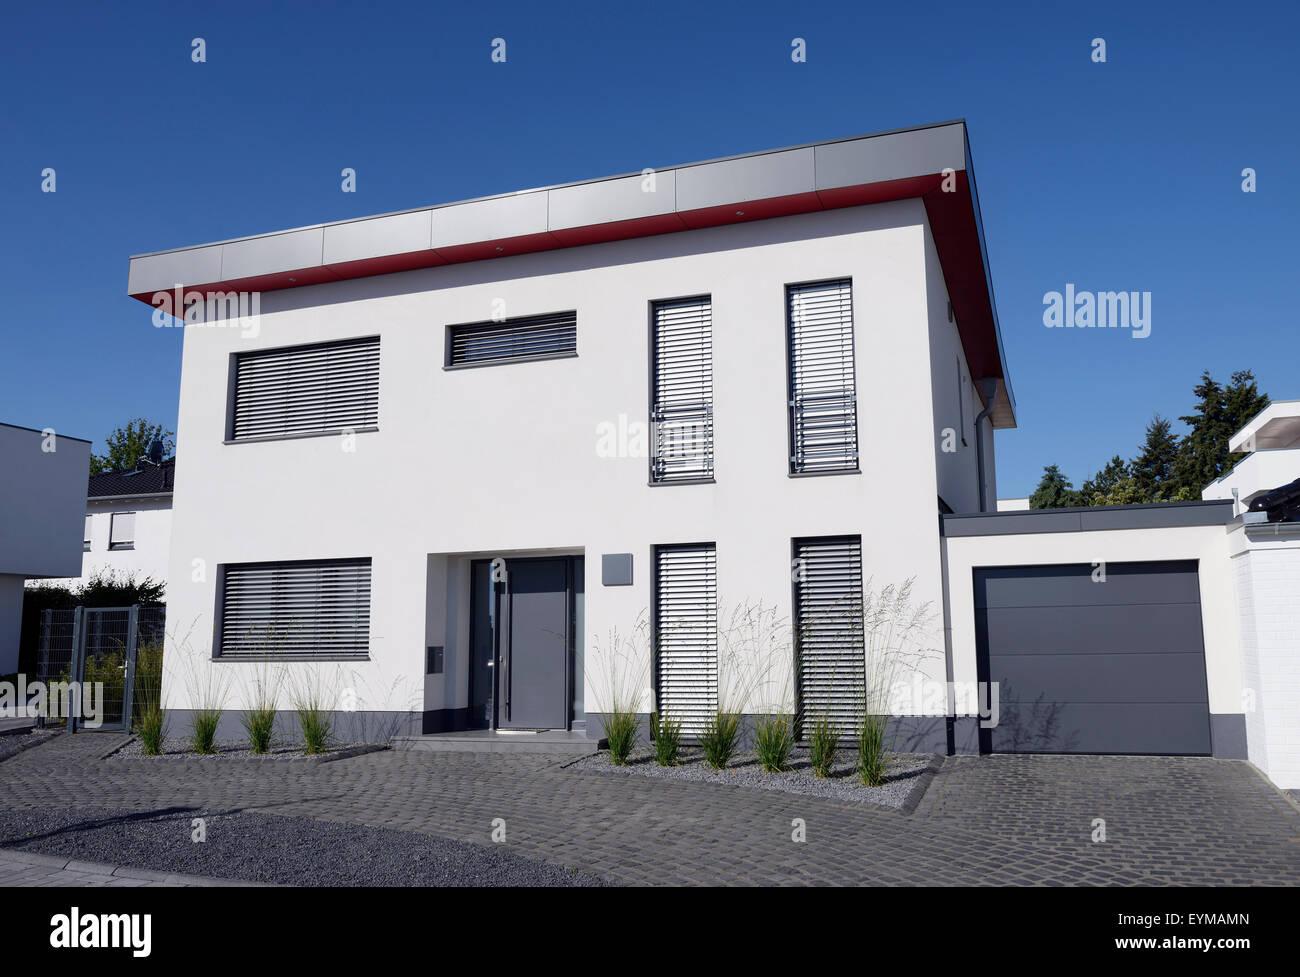 Einfamilienhaus mit Garage, Deutschland, Nordrhein-Westfalen, Mönchengladbach - Stock Image